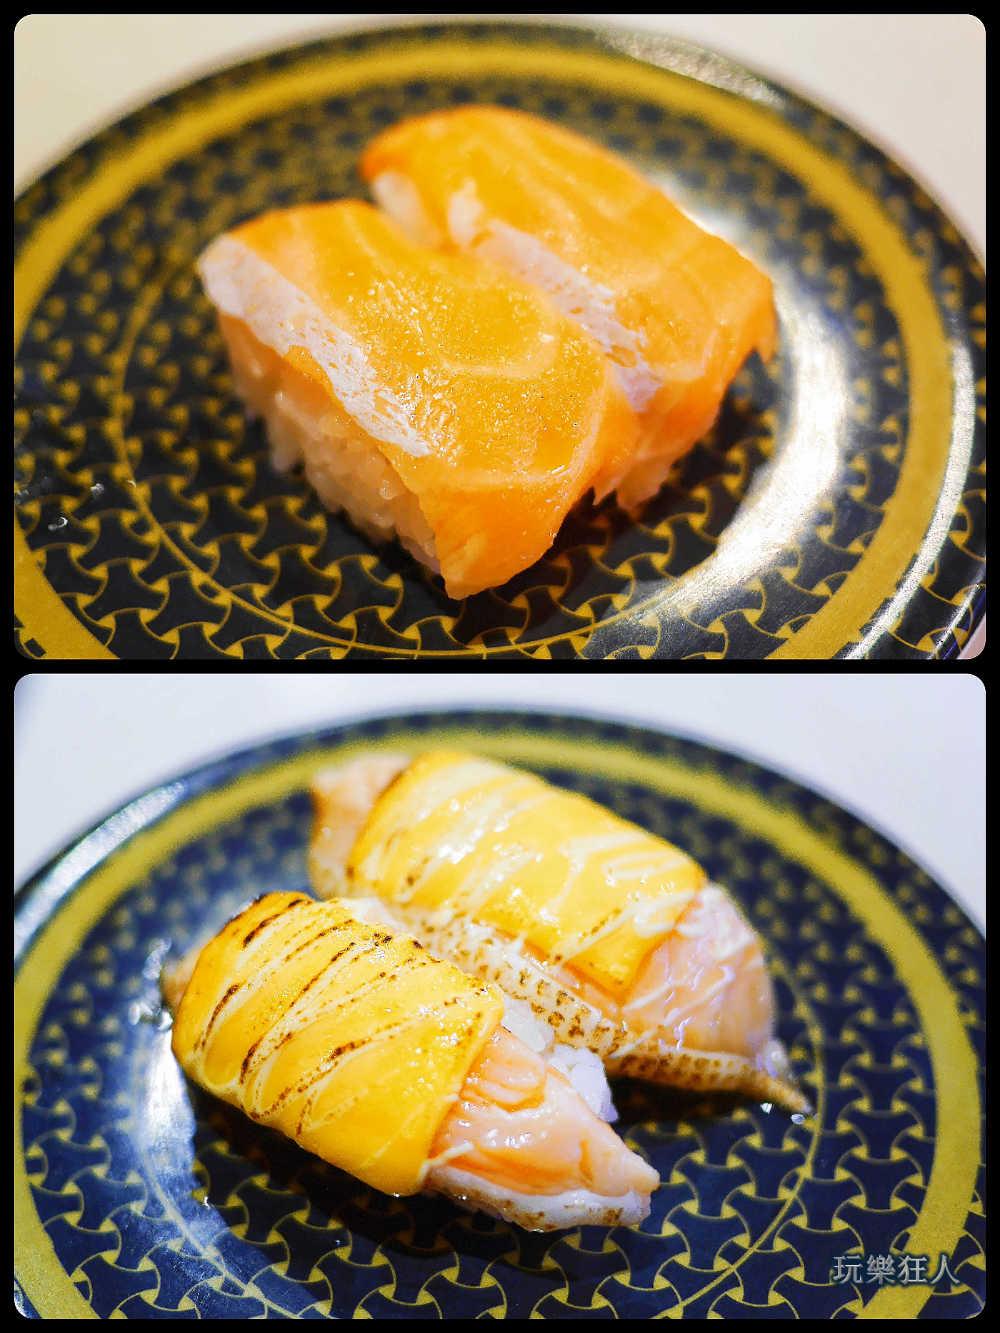 『HAMA壽司』鮭魚 & 炙燒起司鮭魚